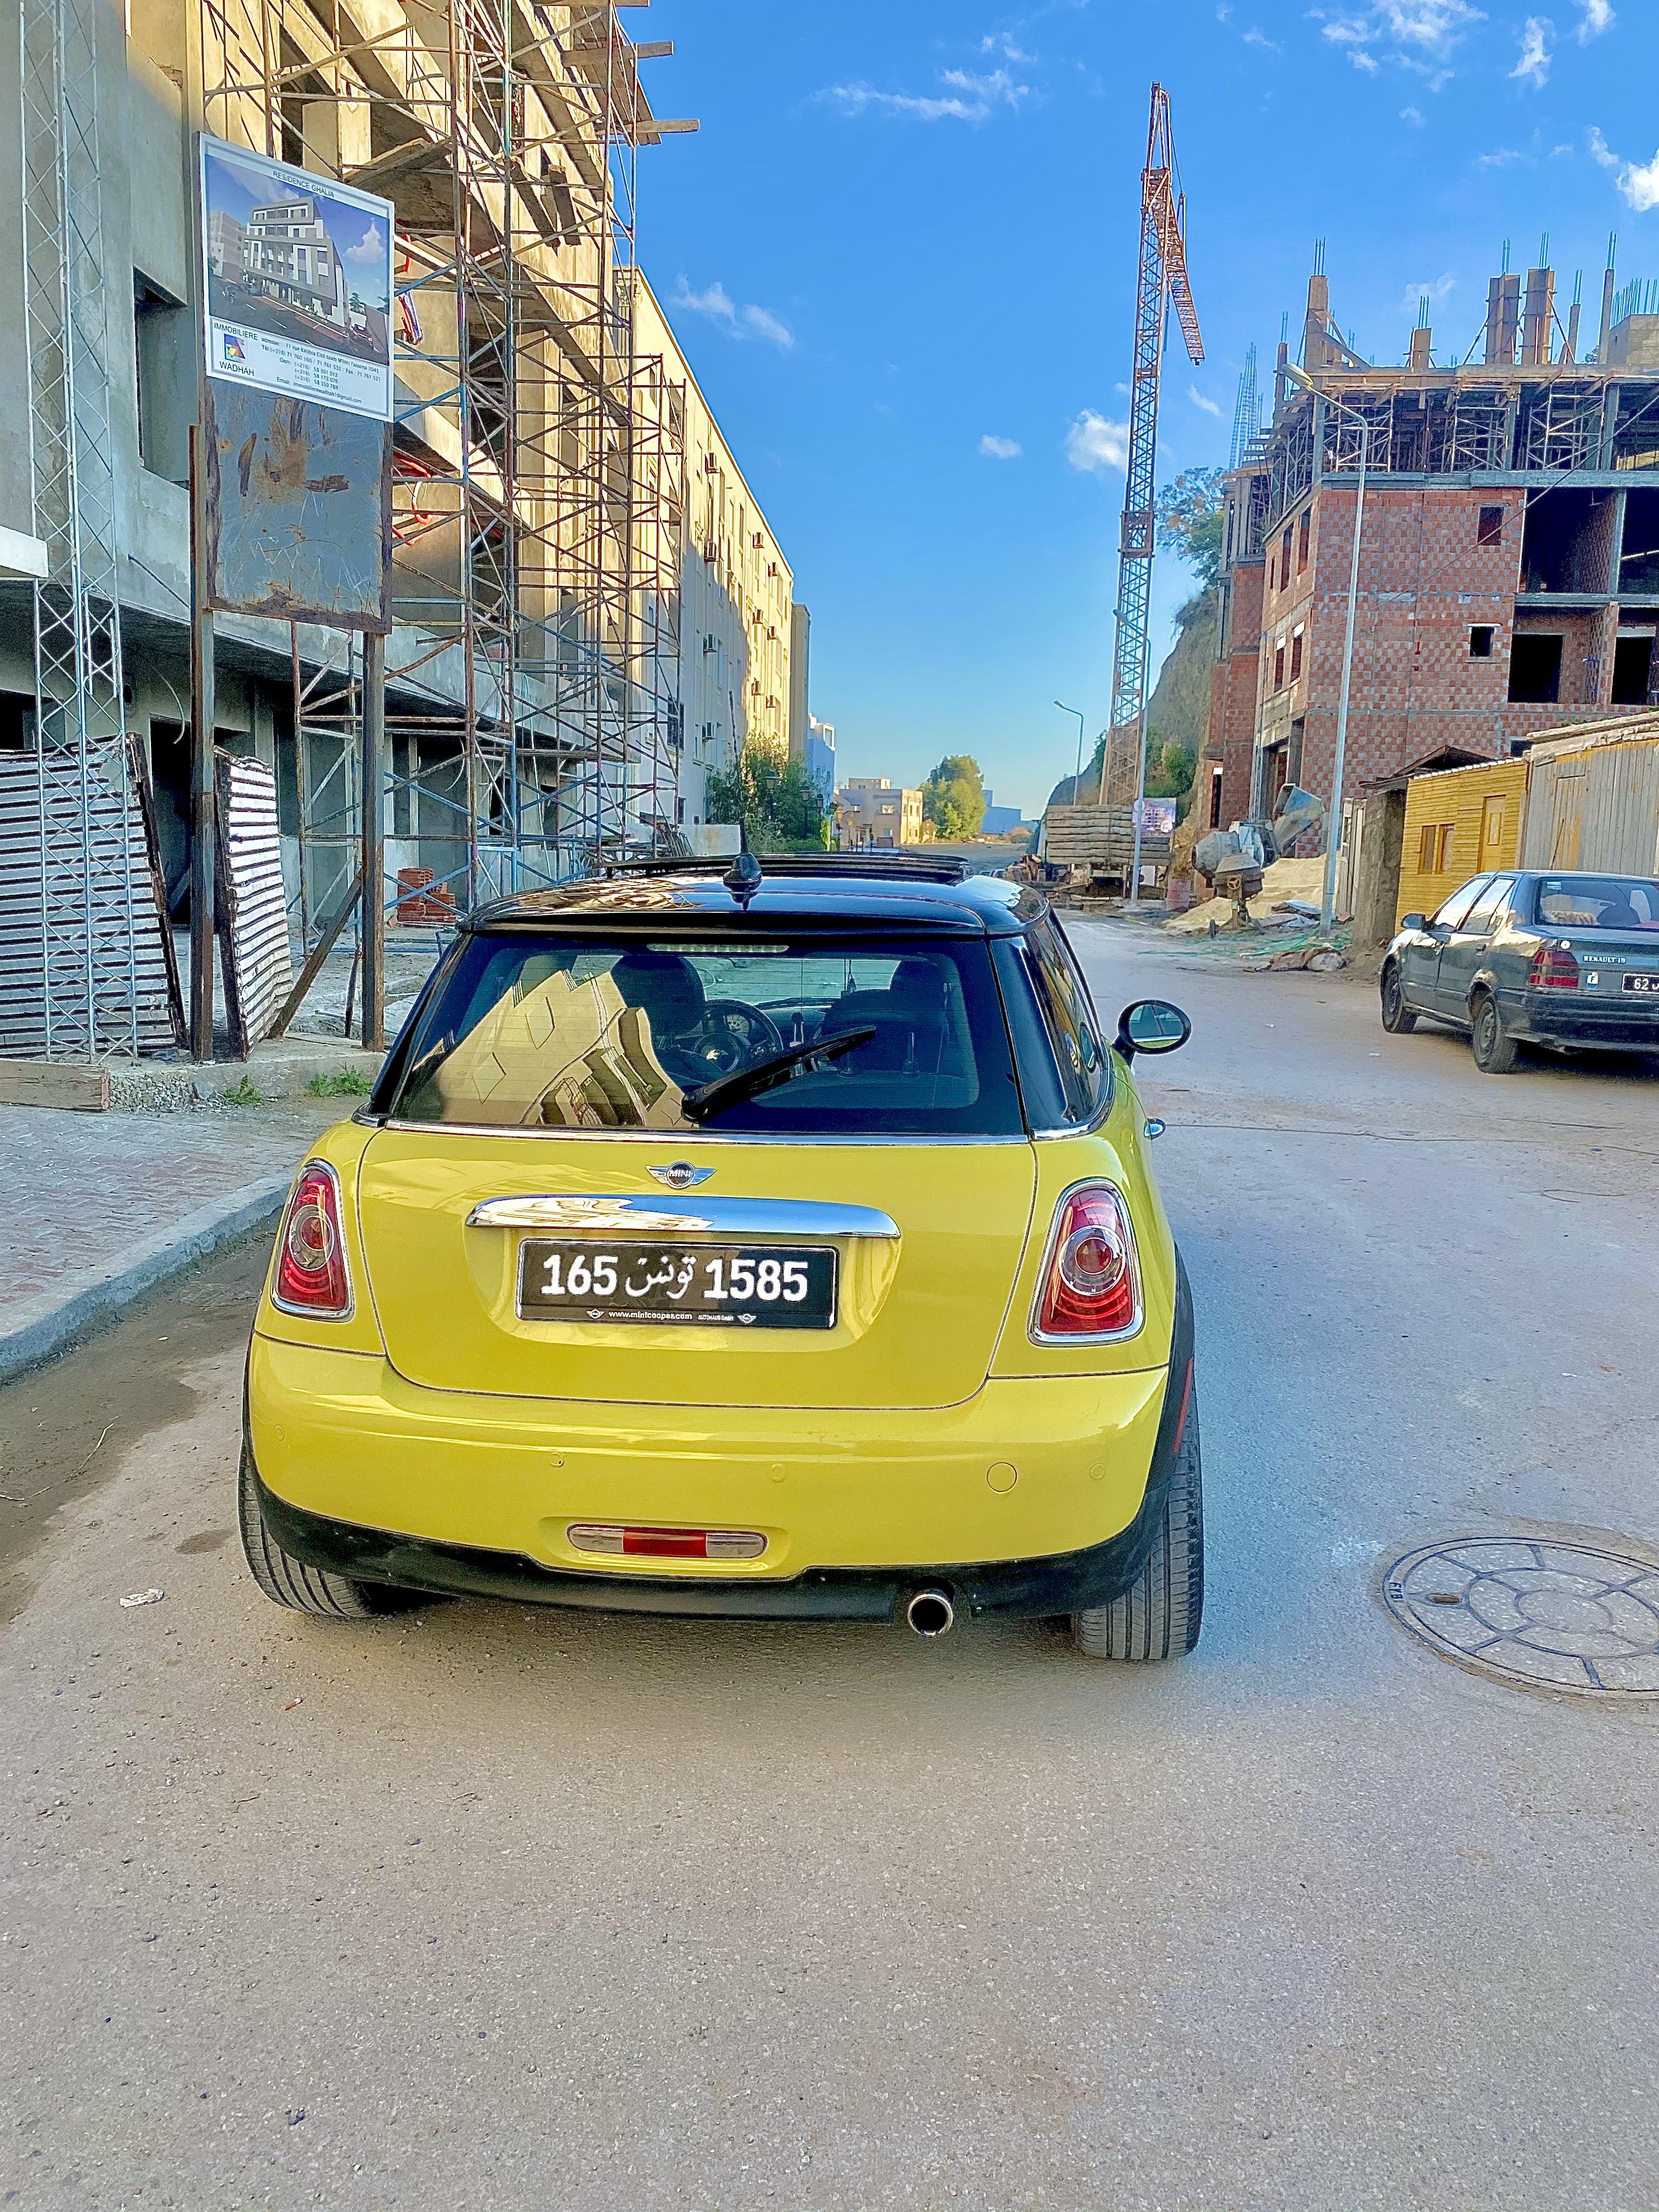 vente voiture occasion boite automatique tunisie mini cooper